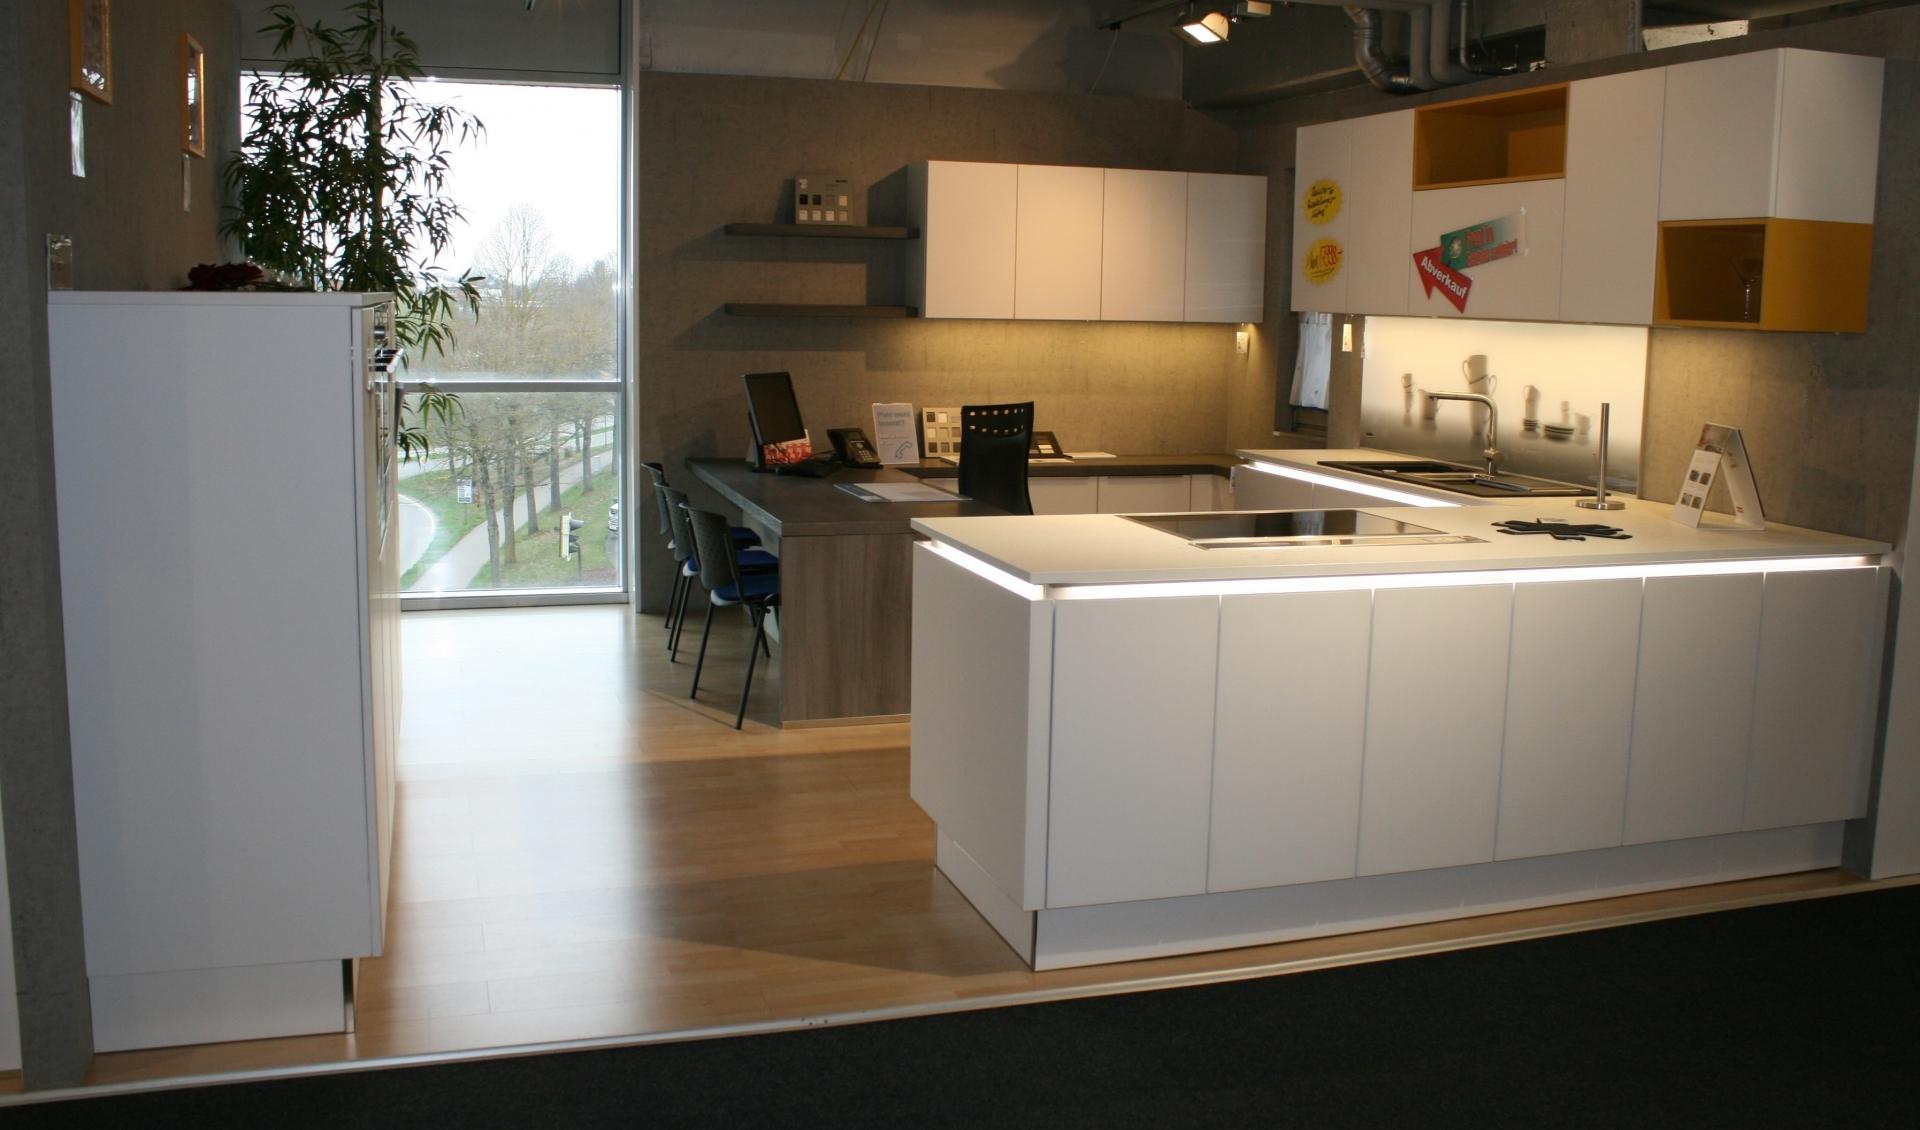 Full Size of Nolte Küchen Glasfront Moderne Einbaukche Glas Tec Satin 181285 Der Firma Küche Betten Schlafzimmer Regal Wohnzimmer Nolte Küchen Glasfront